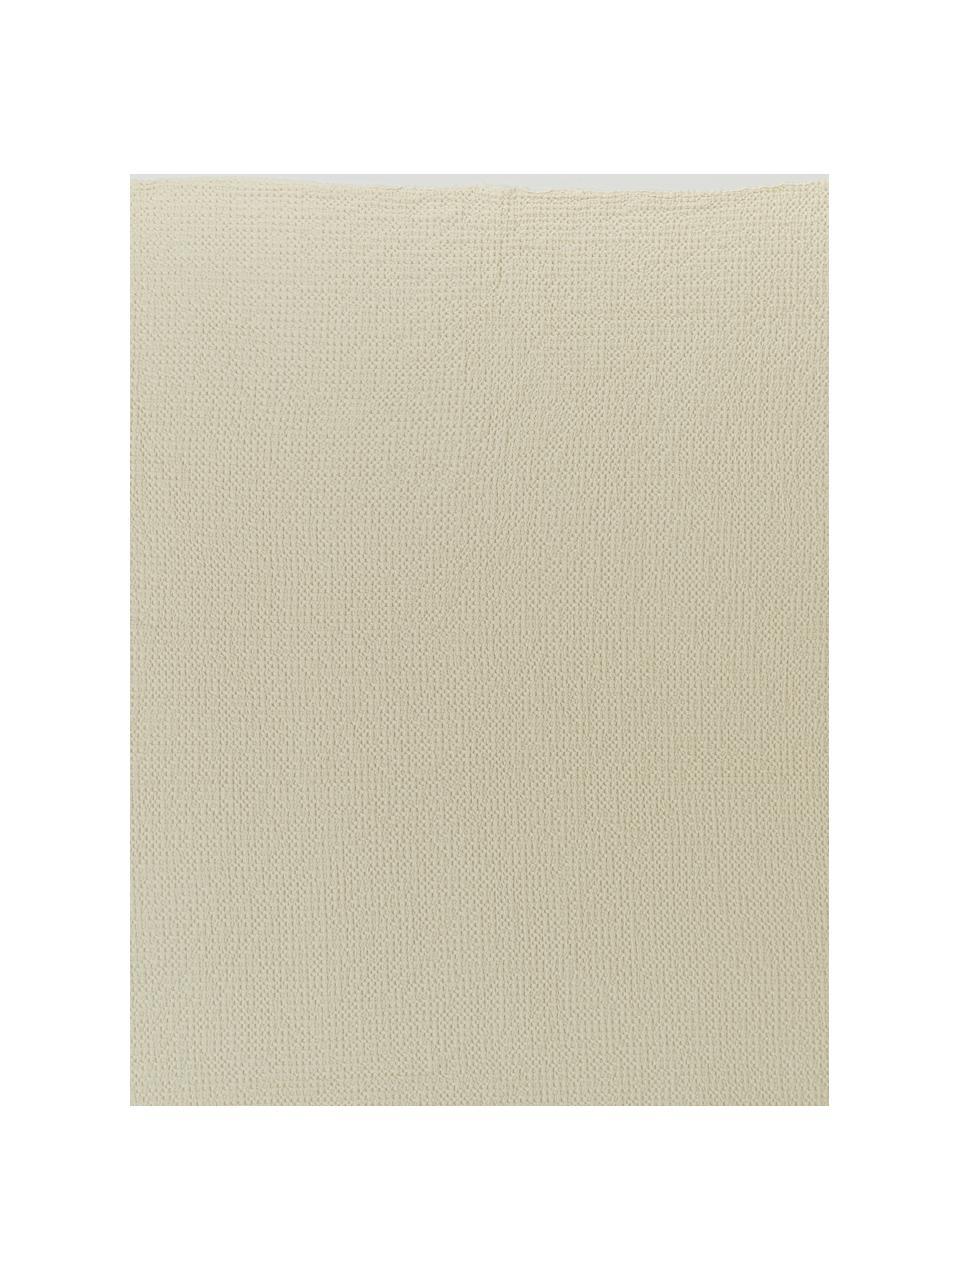 Couvre-lit coton blanc crème à surface texturée Vigo, Blanc